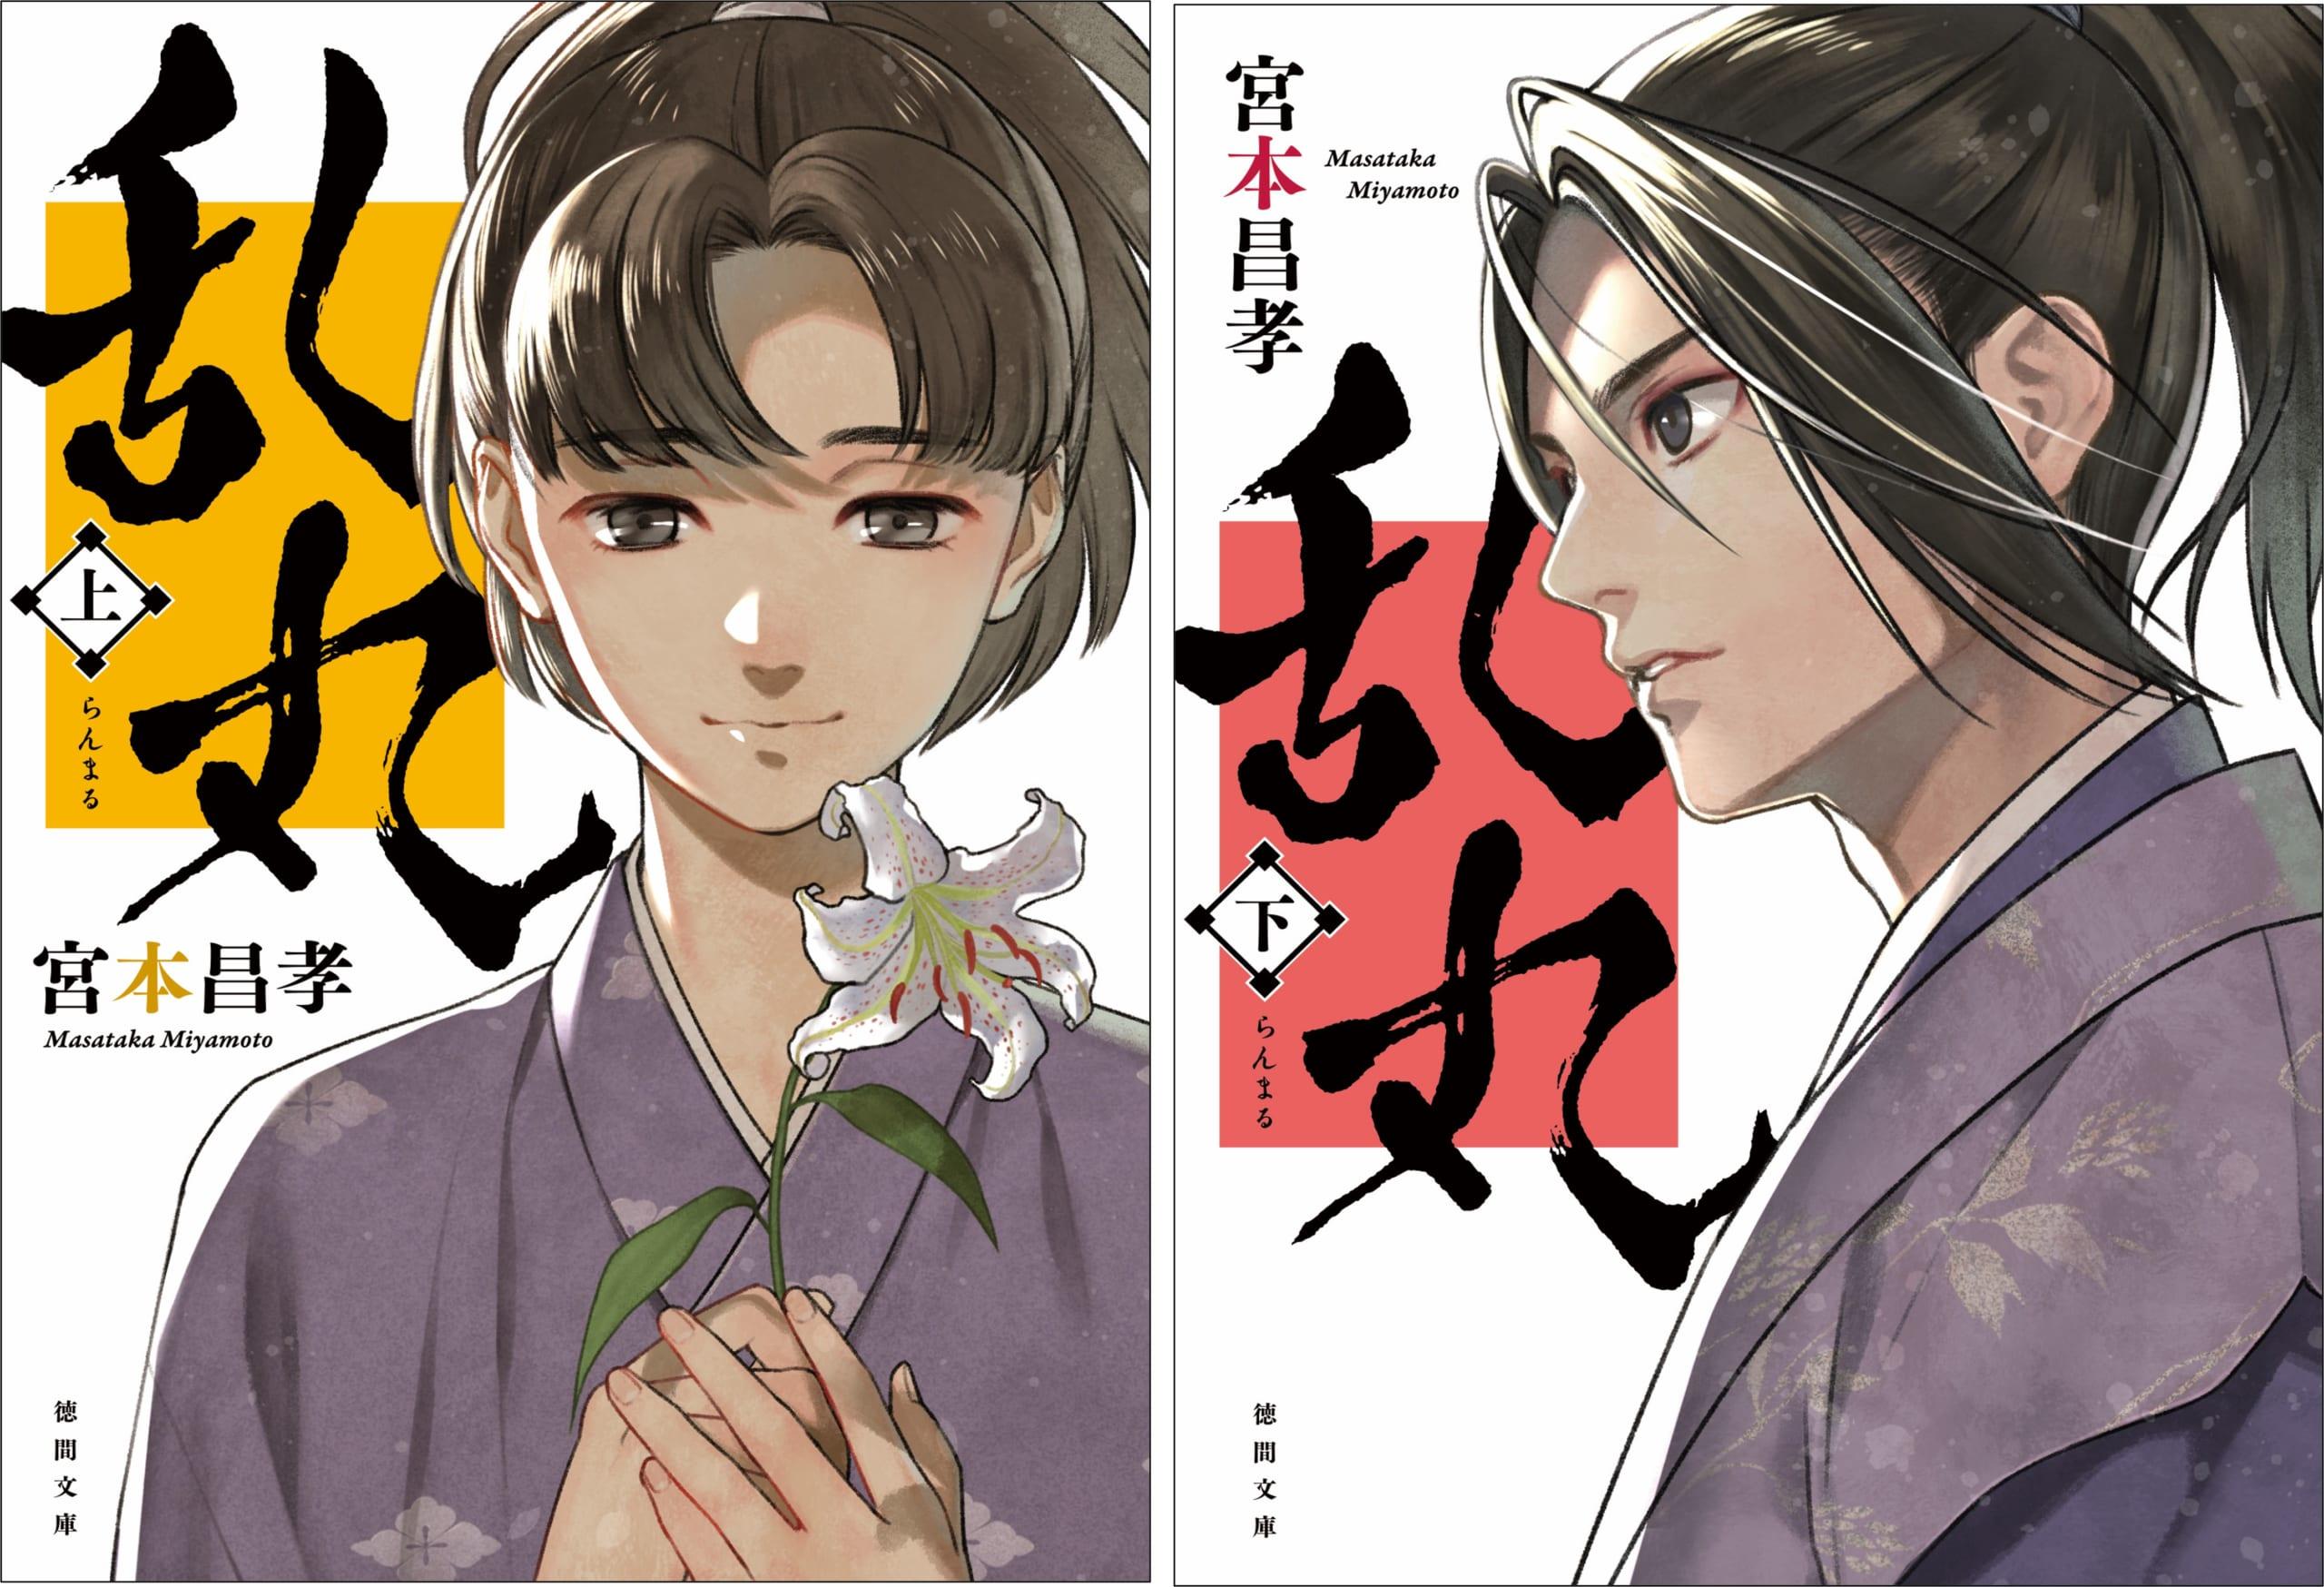 「刀剣乱舞」不動行光の絵師・minato先生が美童と名高い森蘭丸を描く!新装版「乱丸」上下巻が発売